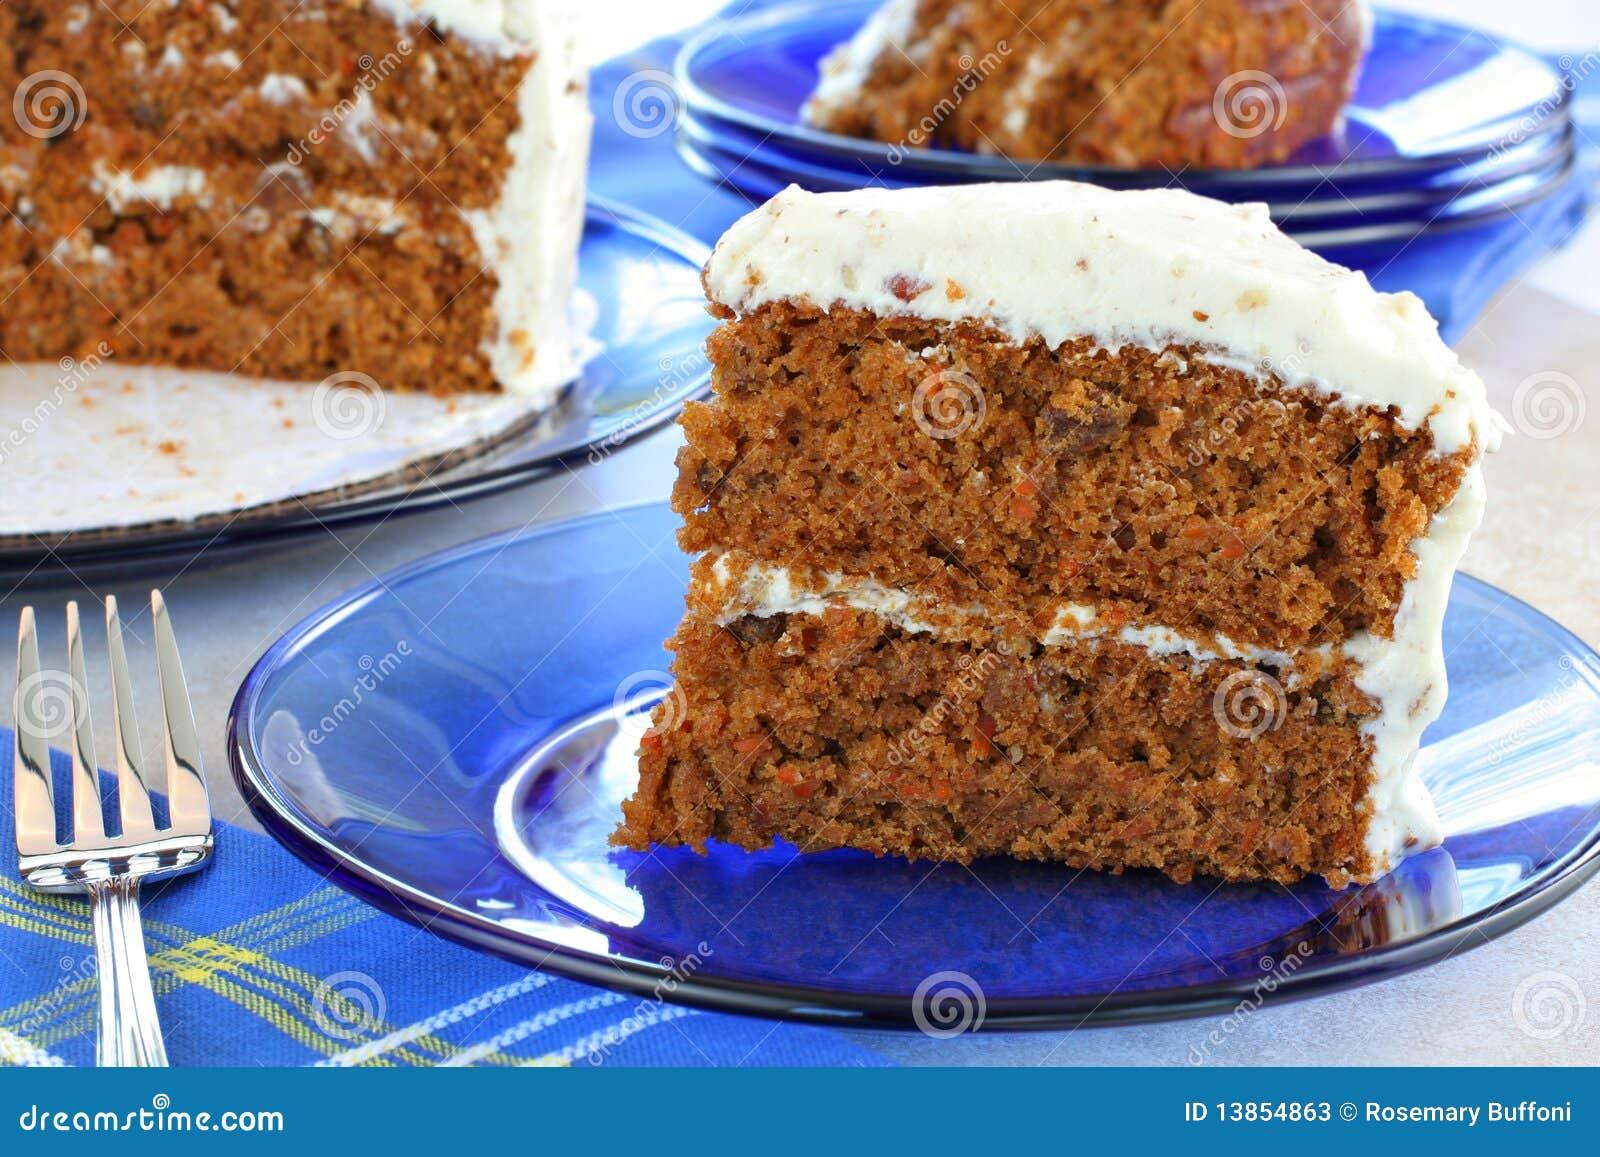 Gesunder Karotte Kuchen Stockbild Bild Von Selbstgemacht 13854863